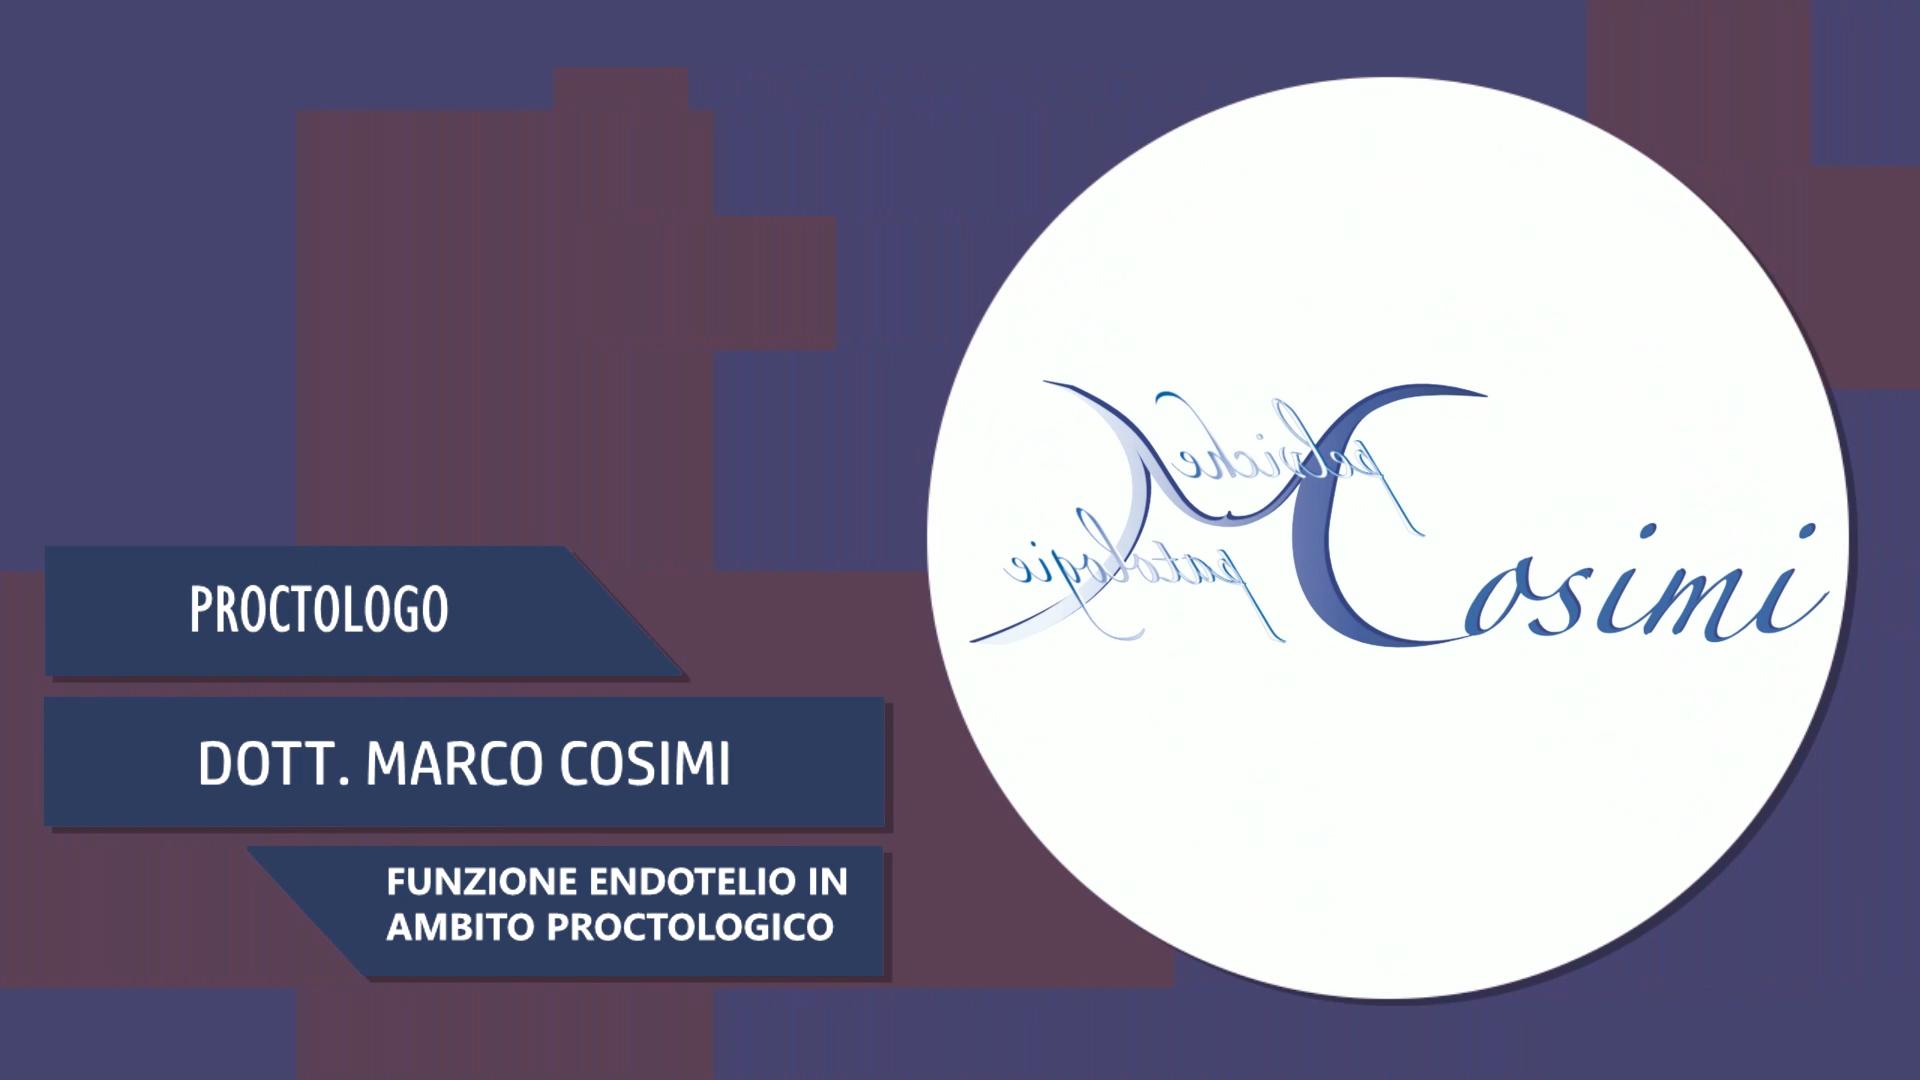 Intervista al Dott. Marco Cosimi – Funzione endotelio in ambito proctologico